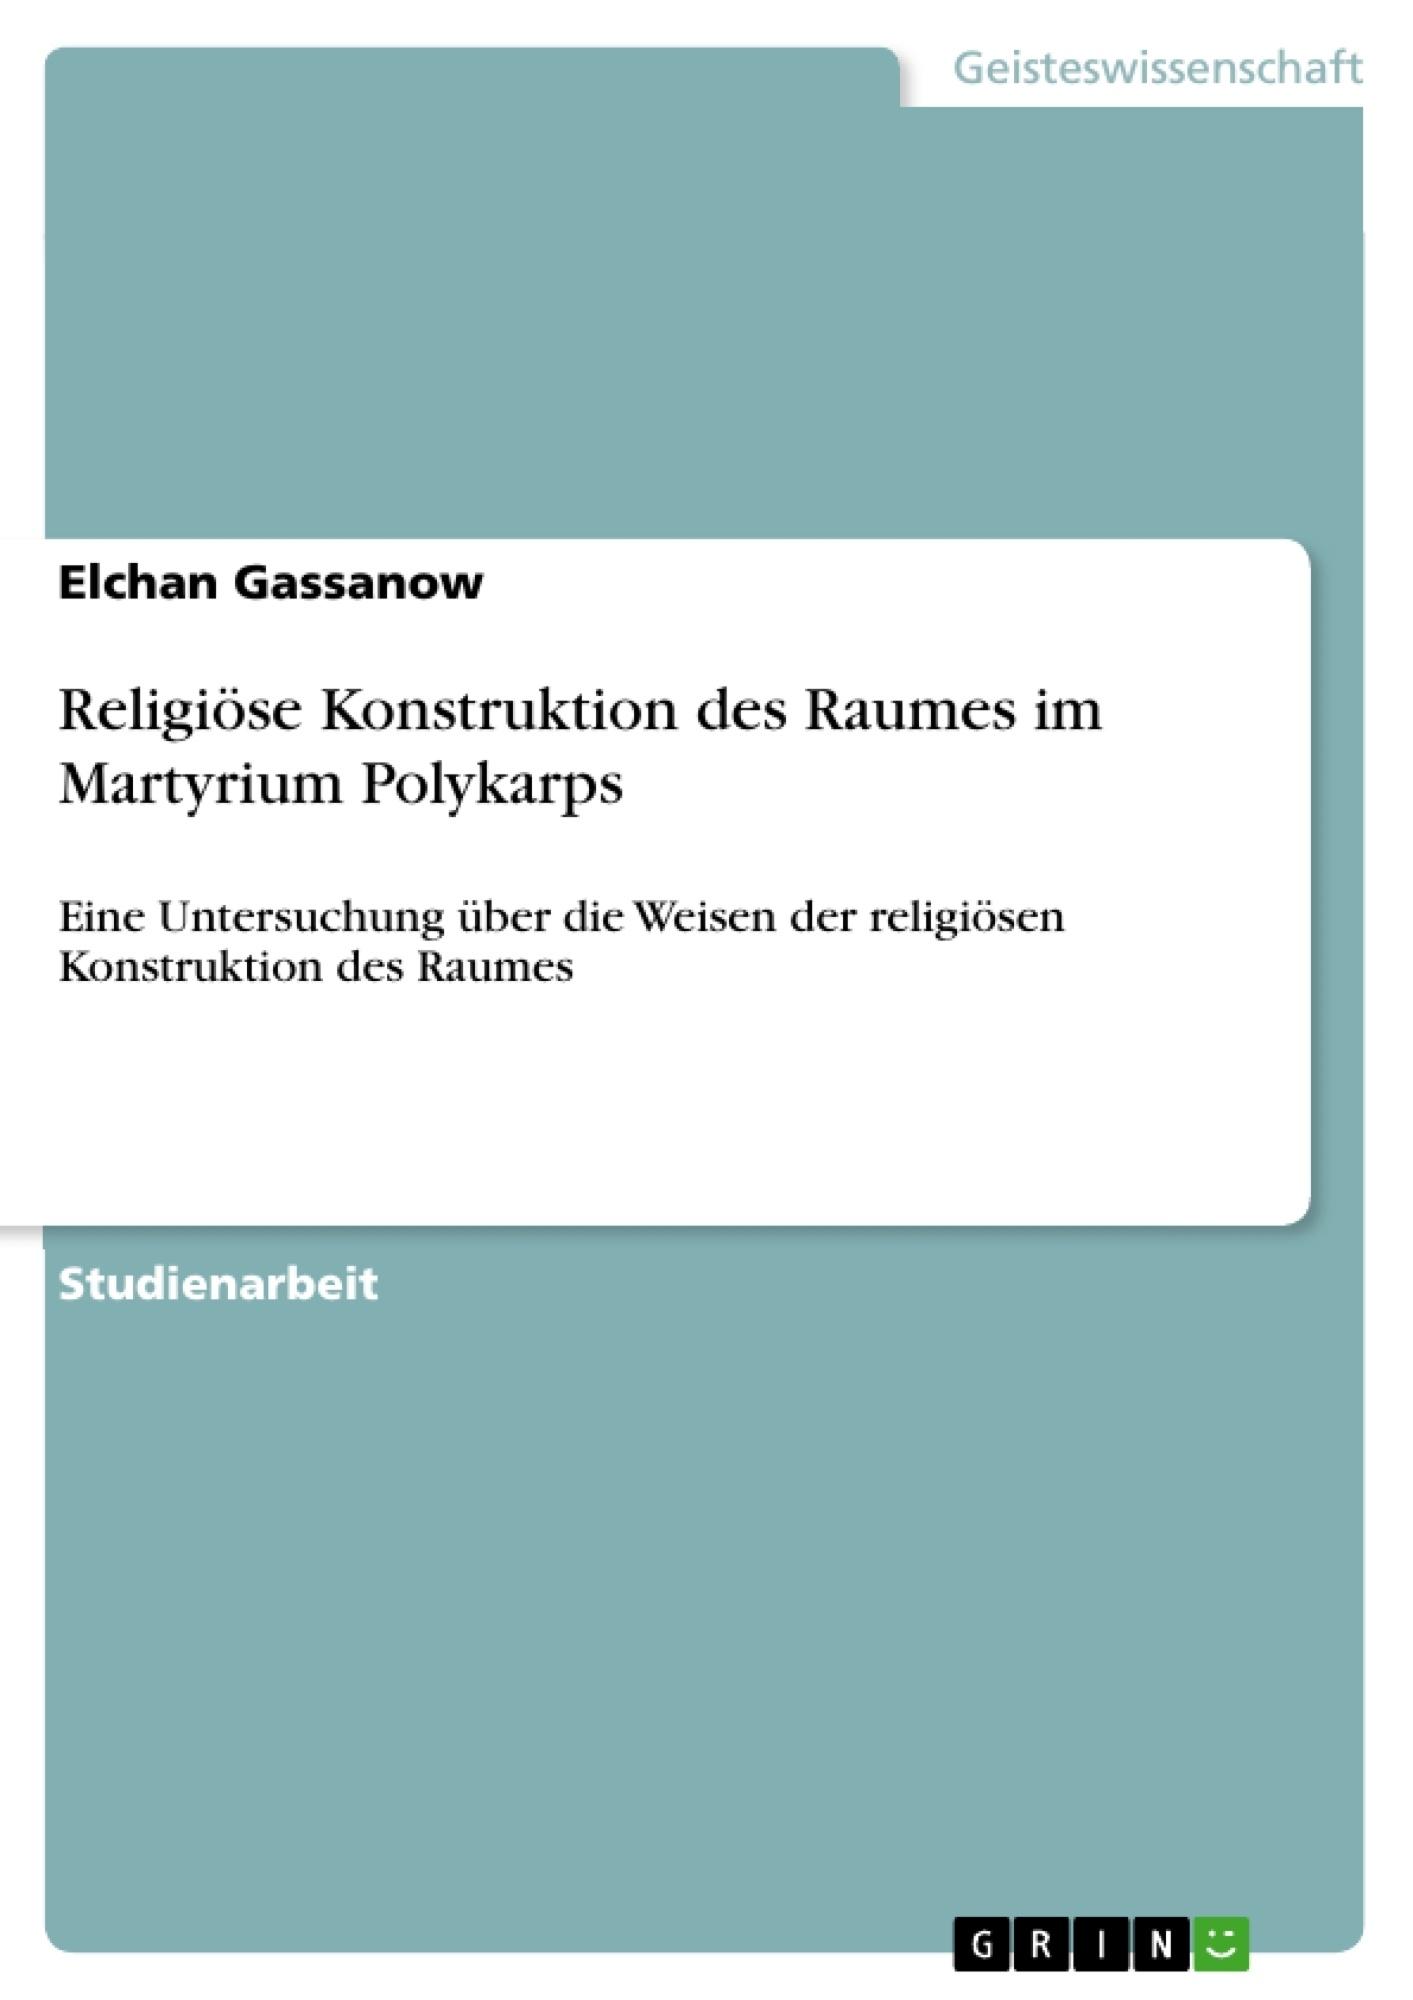 Titel: Religiöse Konstruktion des Raumes im Martyrium Polykarps